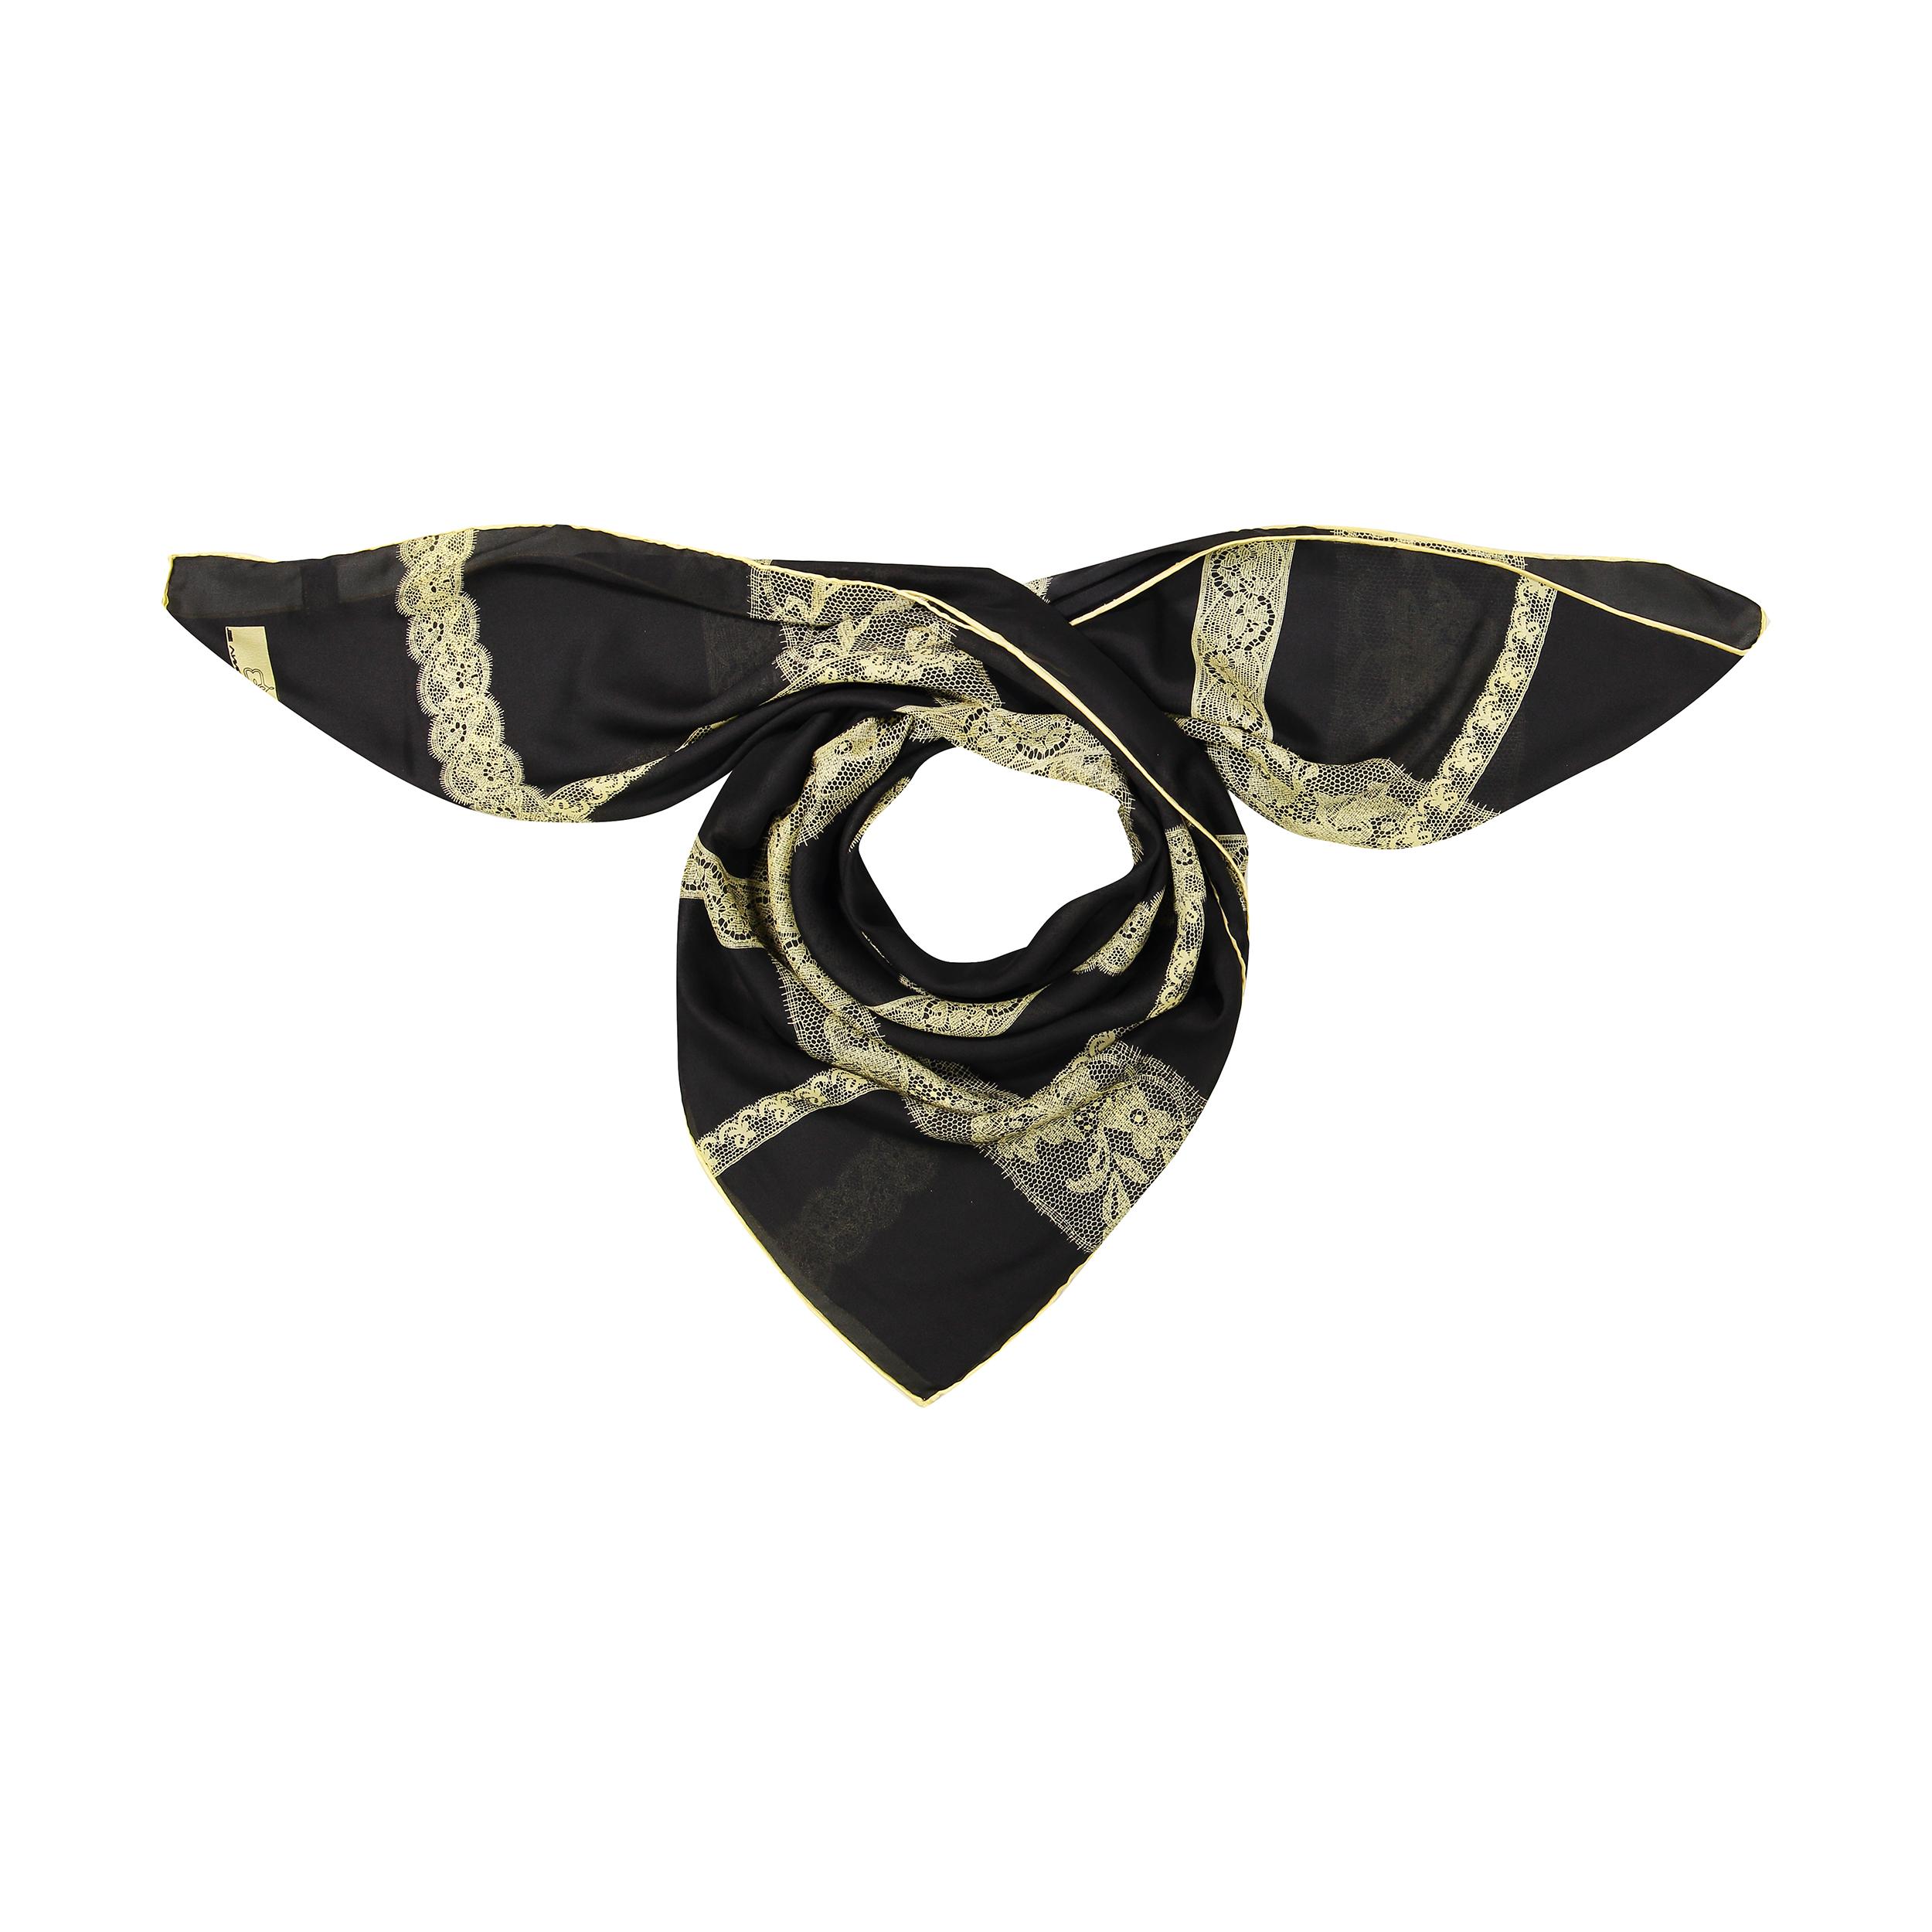 روسری زنانه دونابل مدل 2253406009999